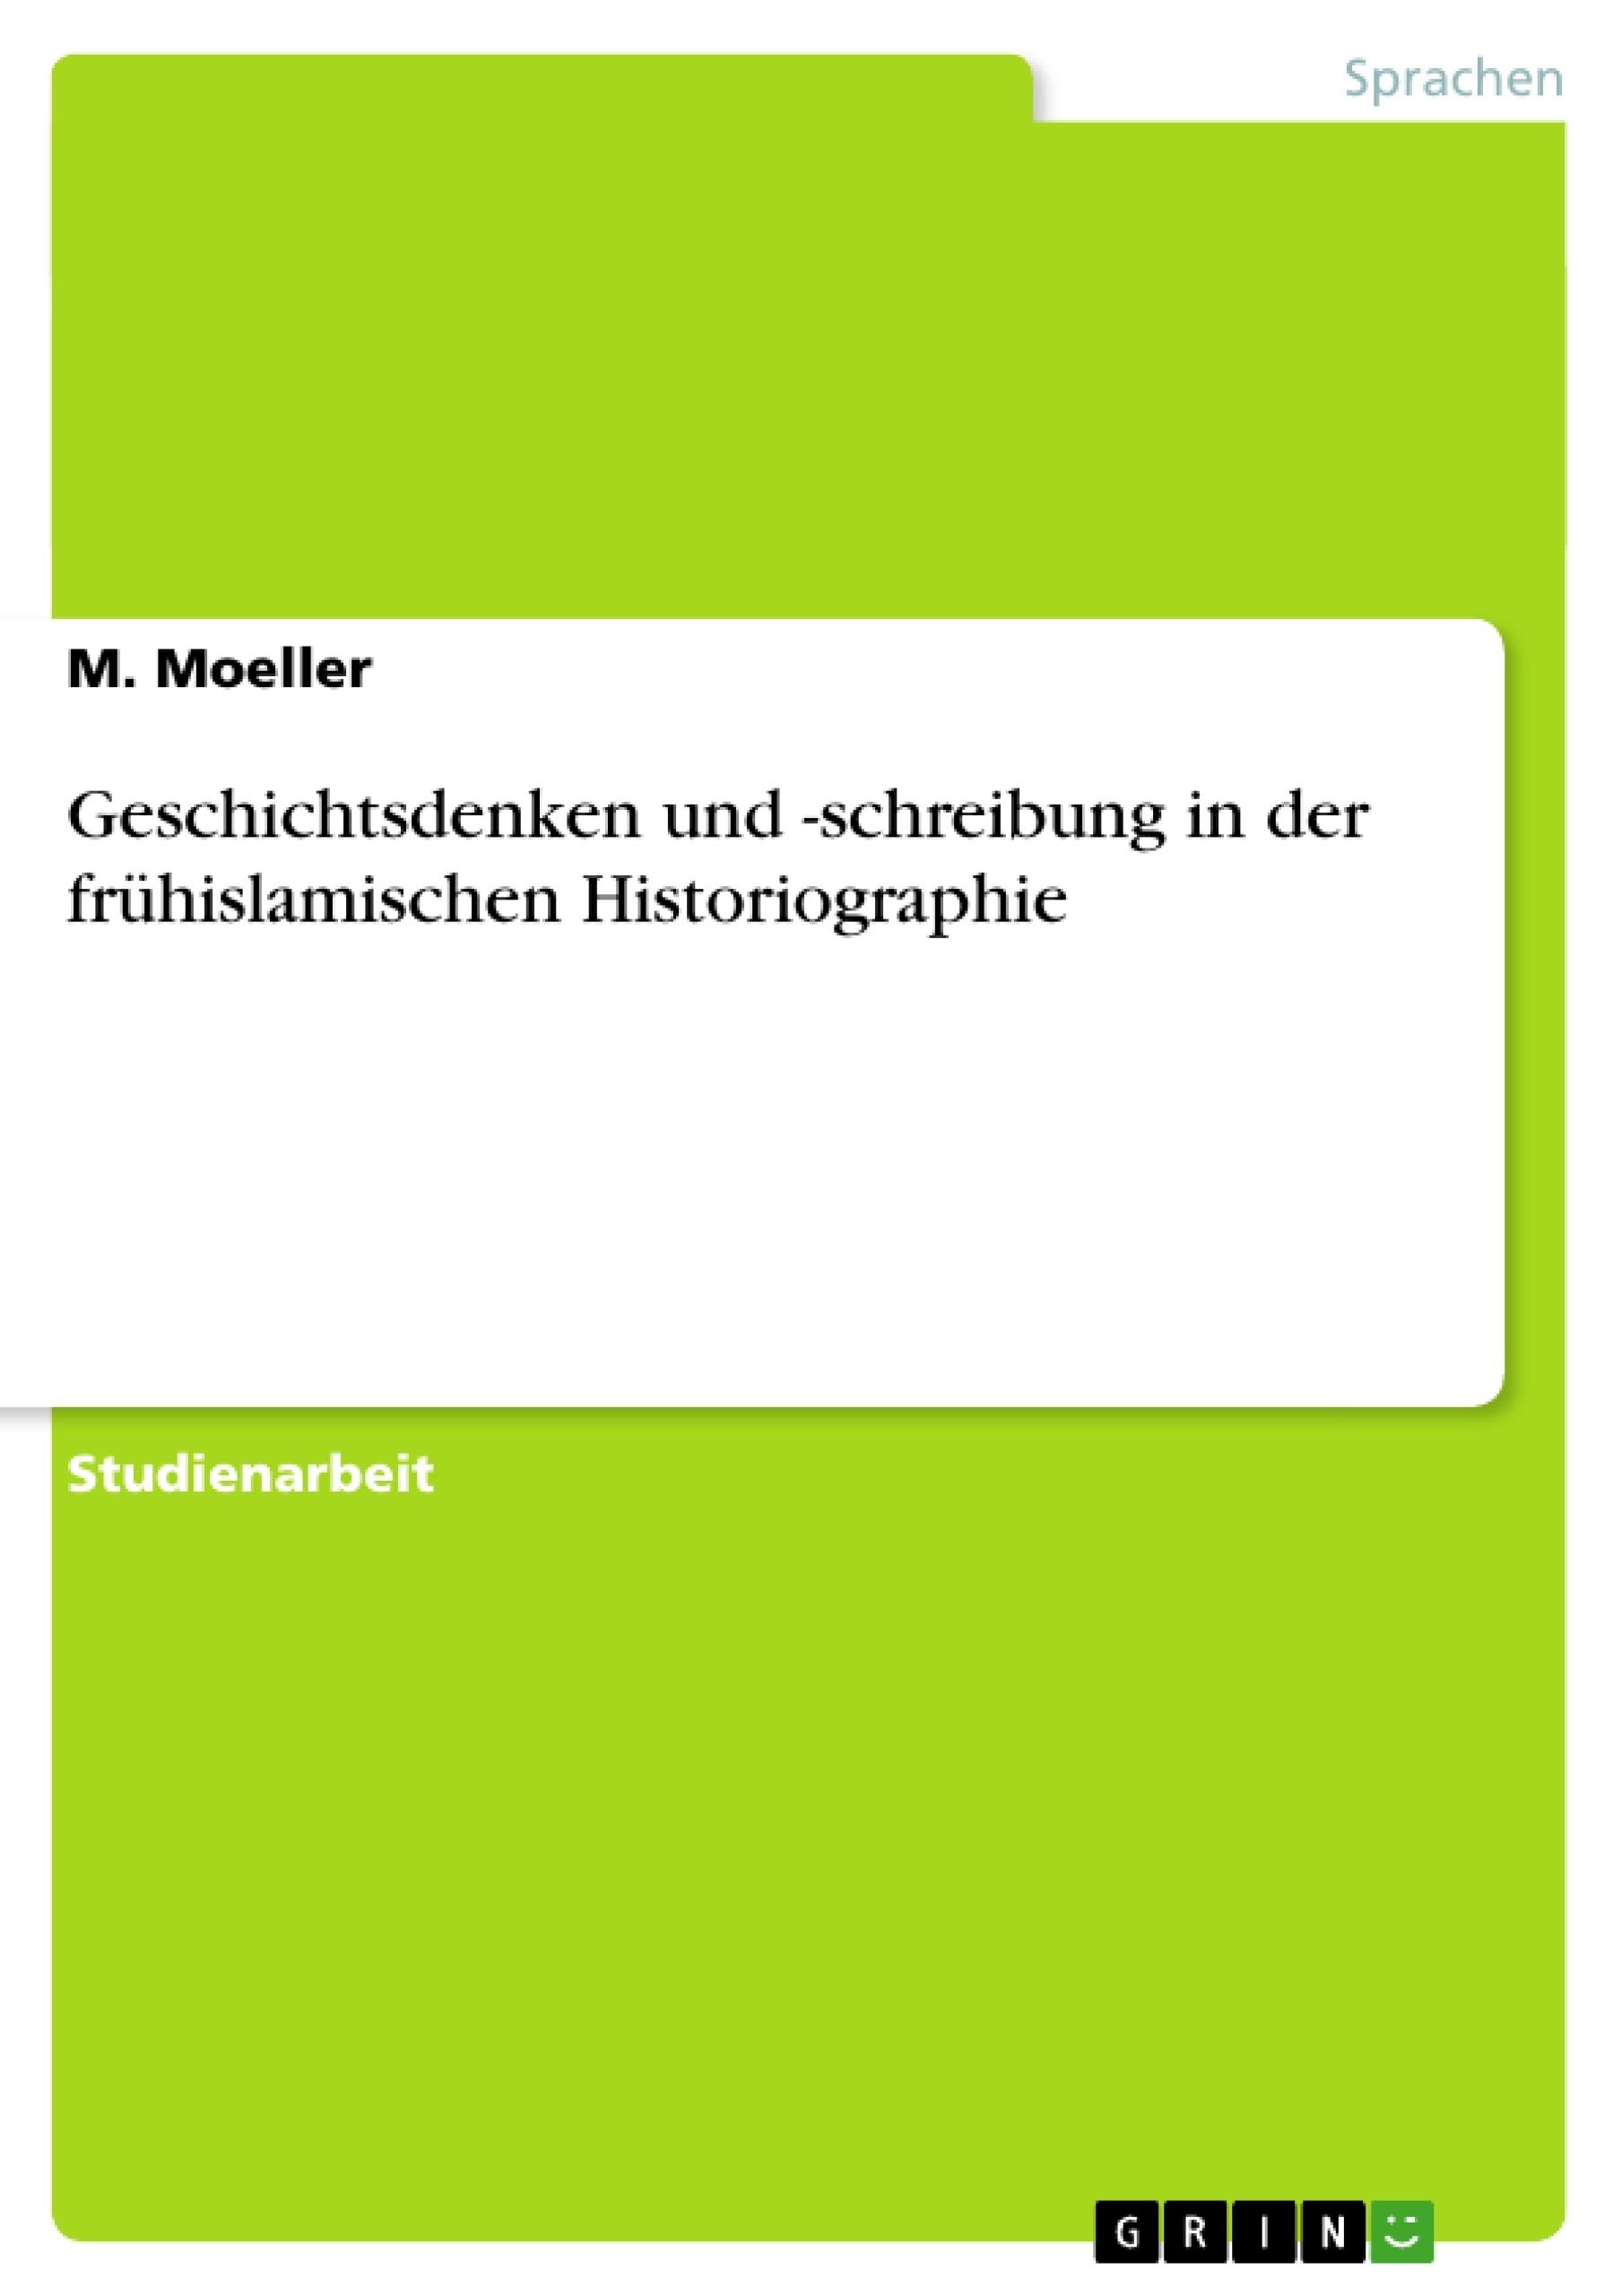 Titel: Geschichtsdenken und -schreibung in der frühislamischen Historiographie